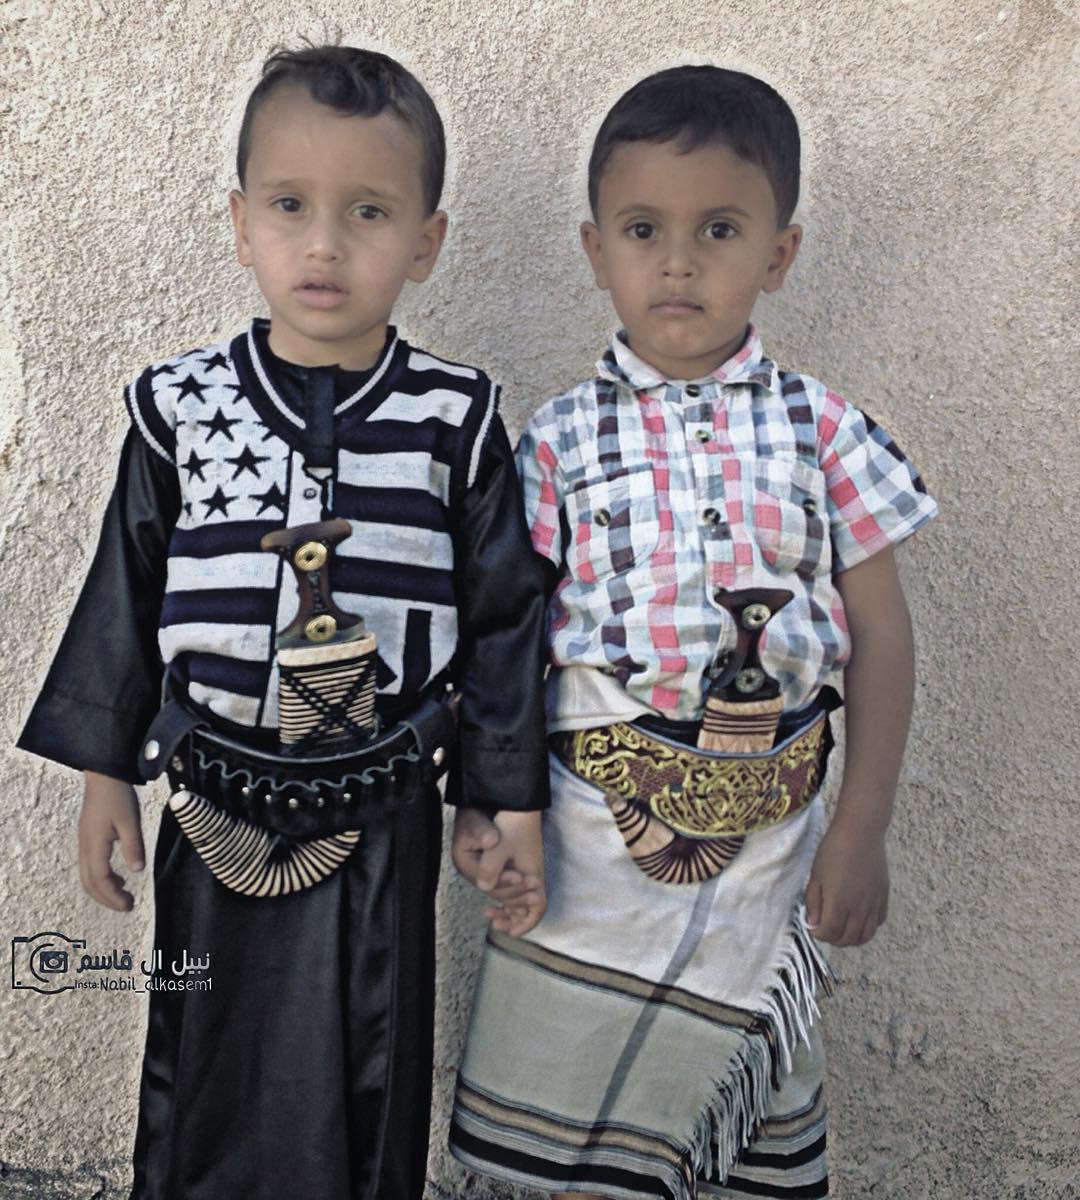 اليمن بعدسة محبيها On Instagram الز ي اليمني الأصيل صنعاء عدن من اليمين الز ي العدني ومن اليسار الز ي الصنعاني Instagram Posts Fashion Women